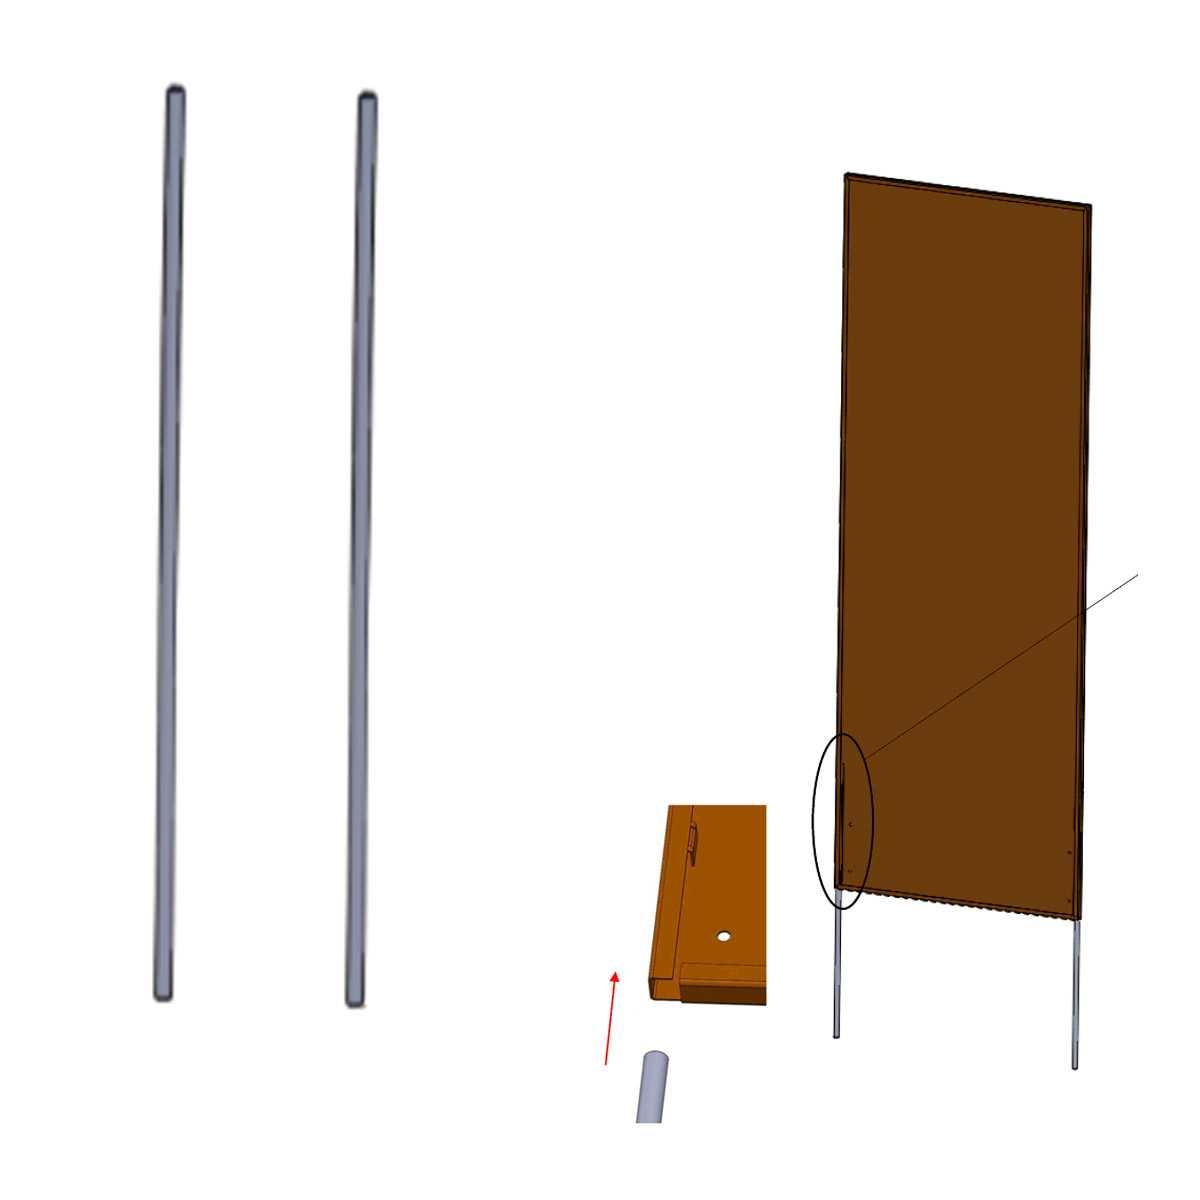 2 tiges de fixation pour panneau en metal sol meuble vente au meilleur prix jardins animes